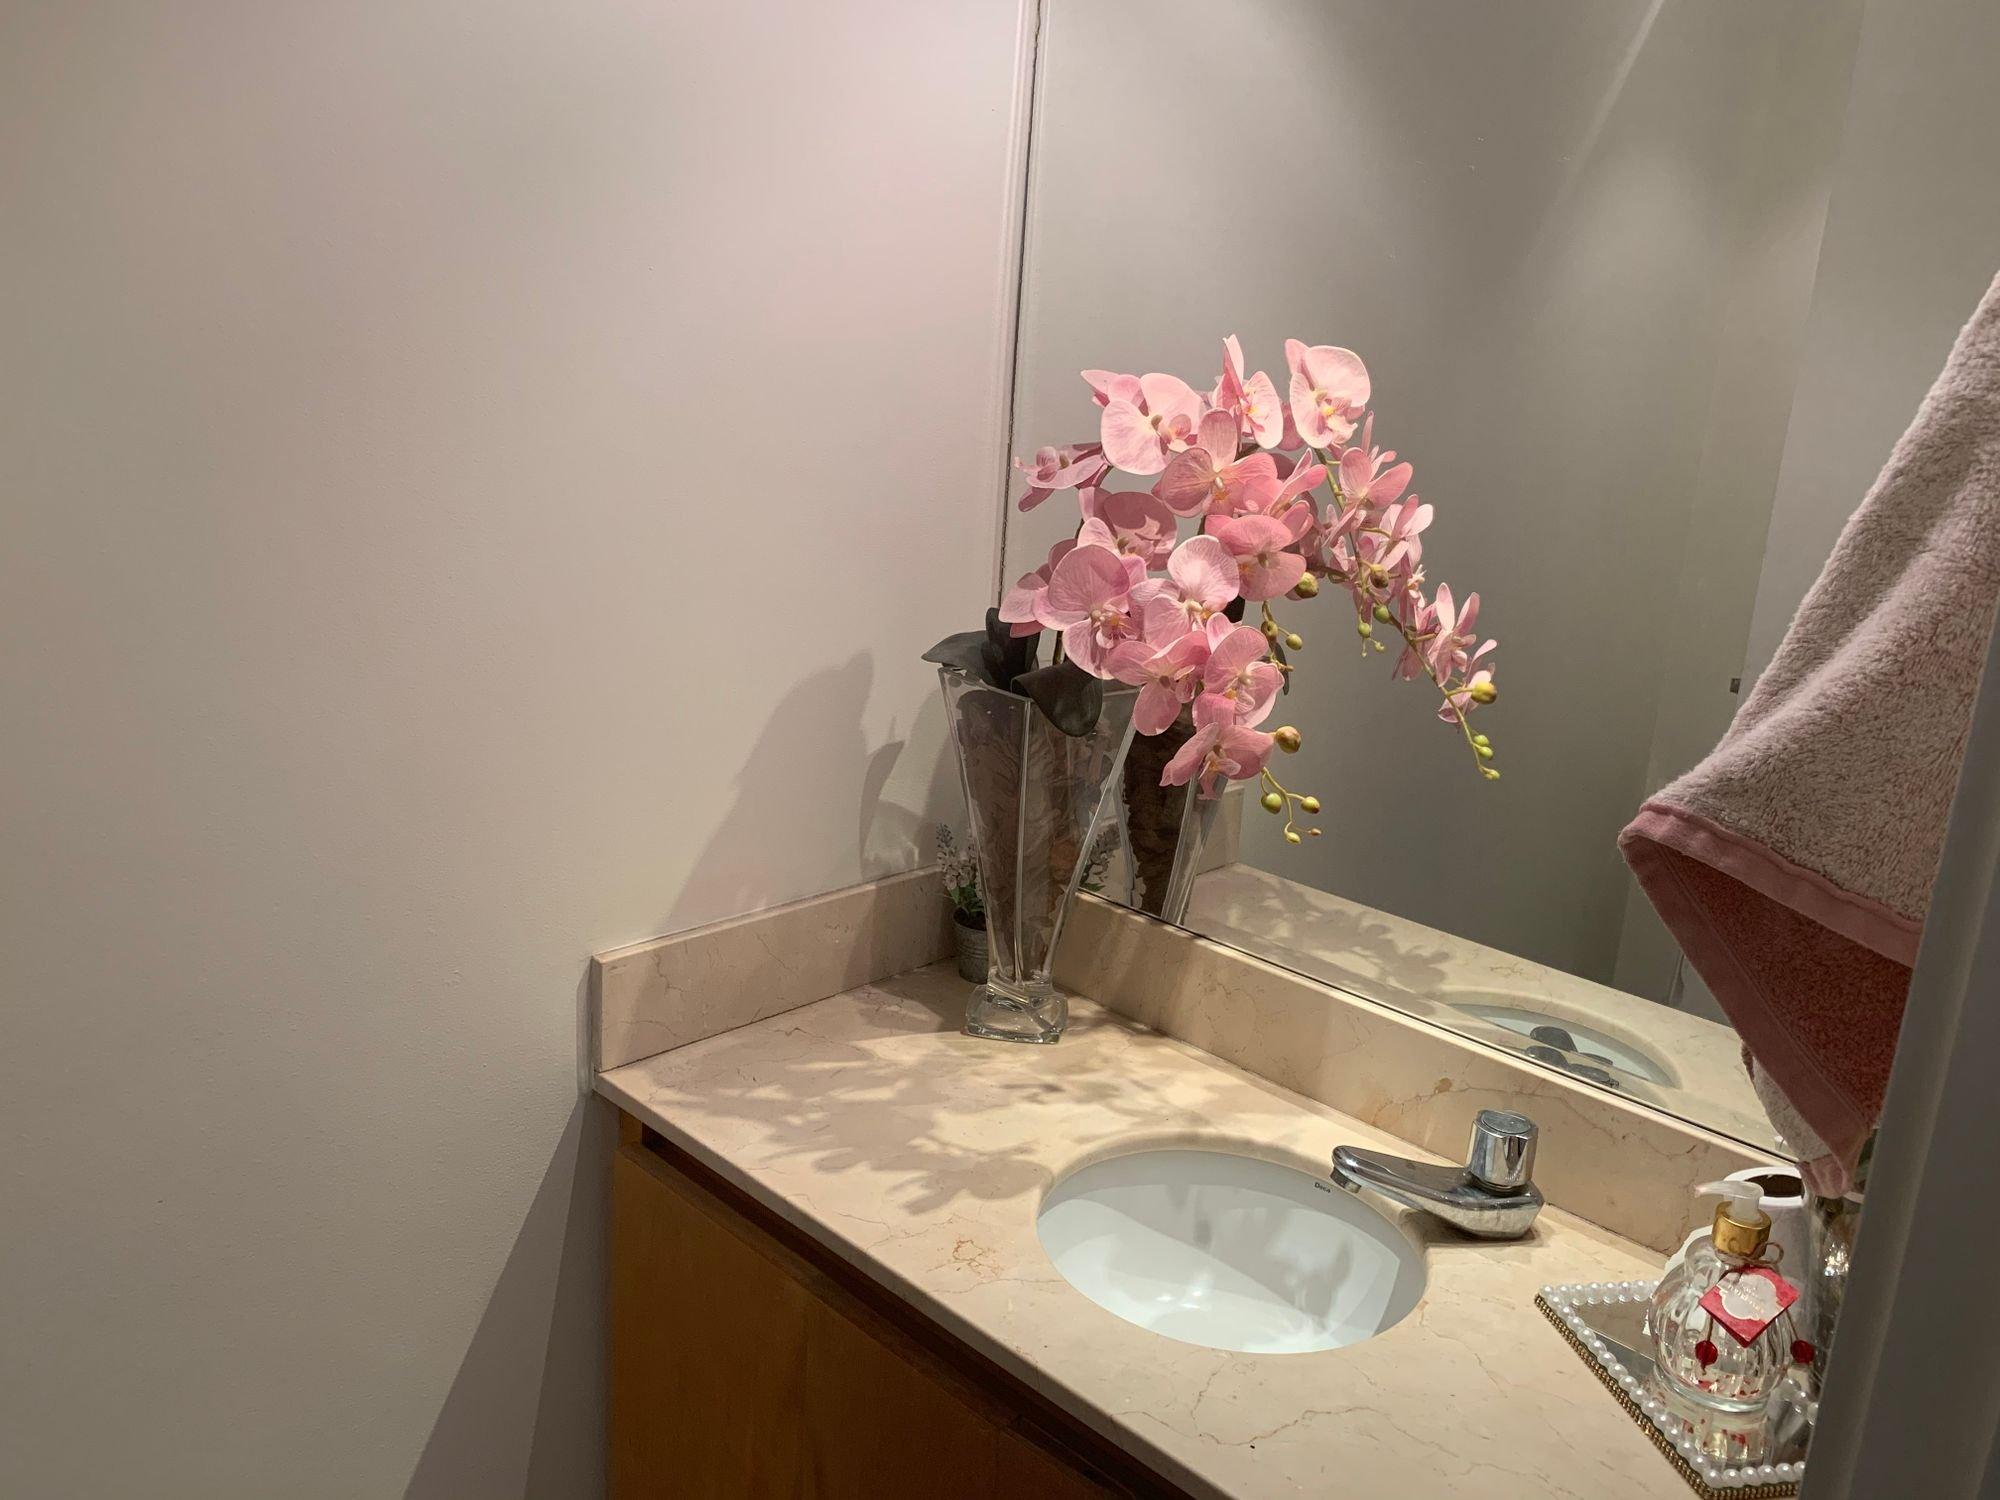 Foto de Banheiro com vaso, pia, garrafa